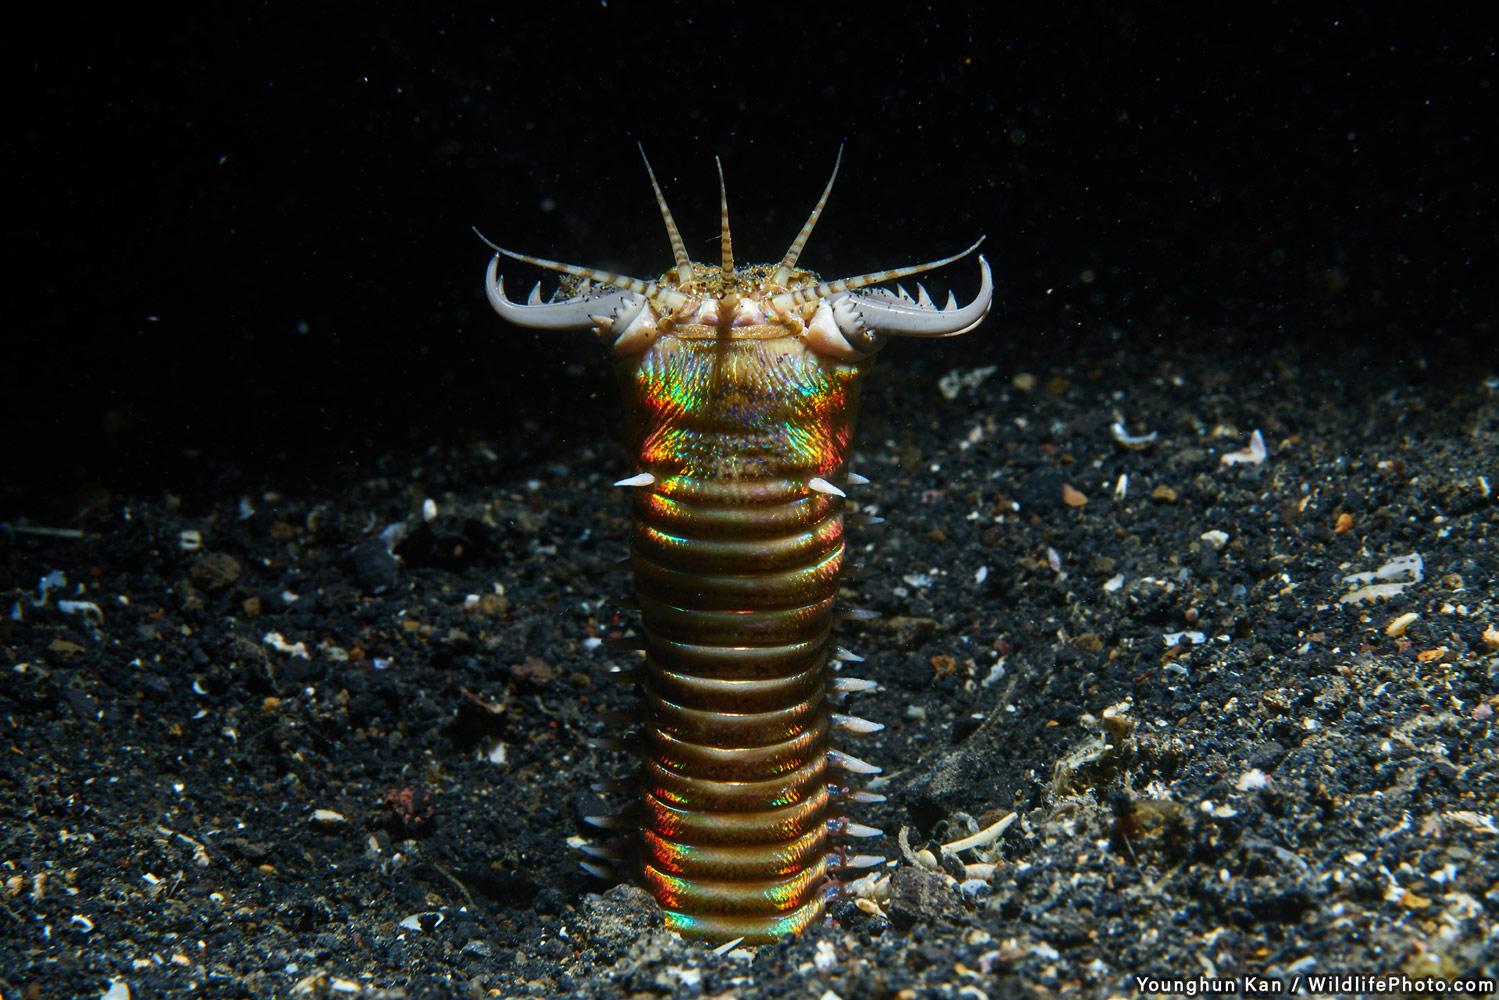 Боббит-червь, © Юнгун Кан, Высокая оценка, Фотоконкурс «Портреты дикой природы»